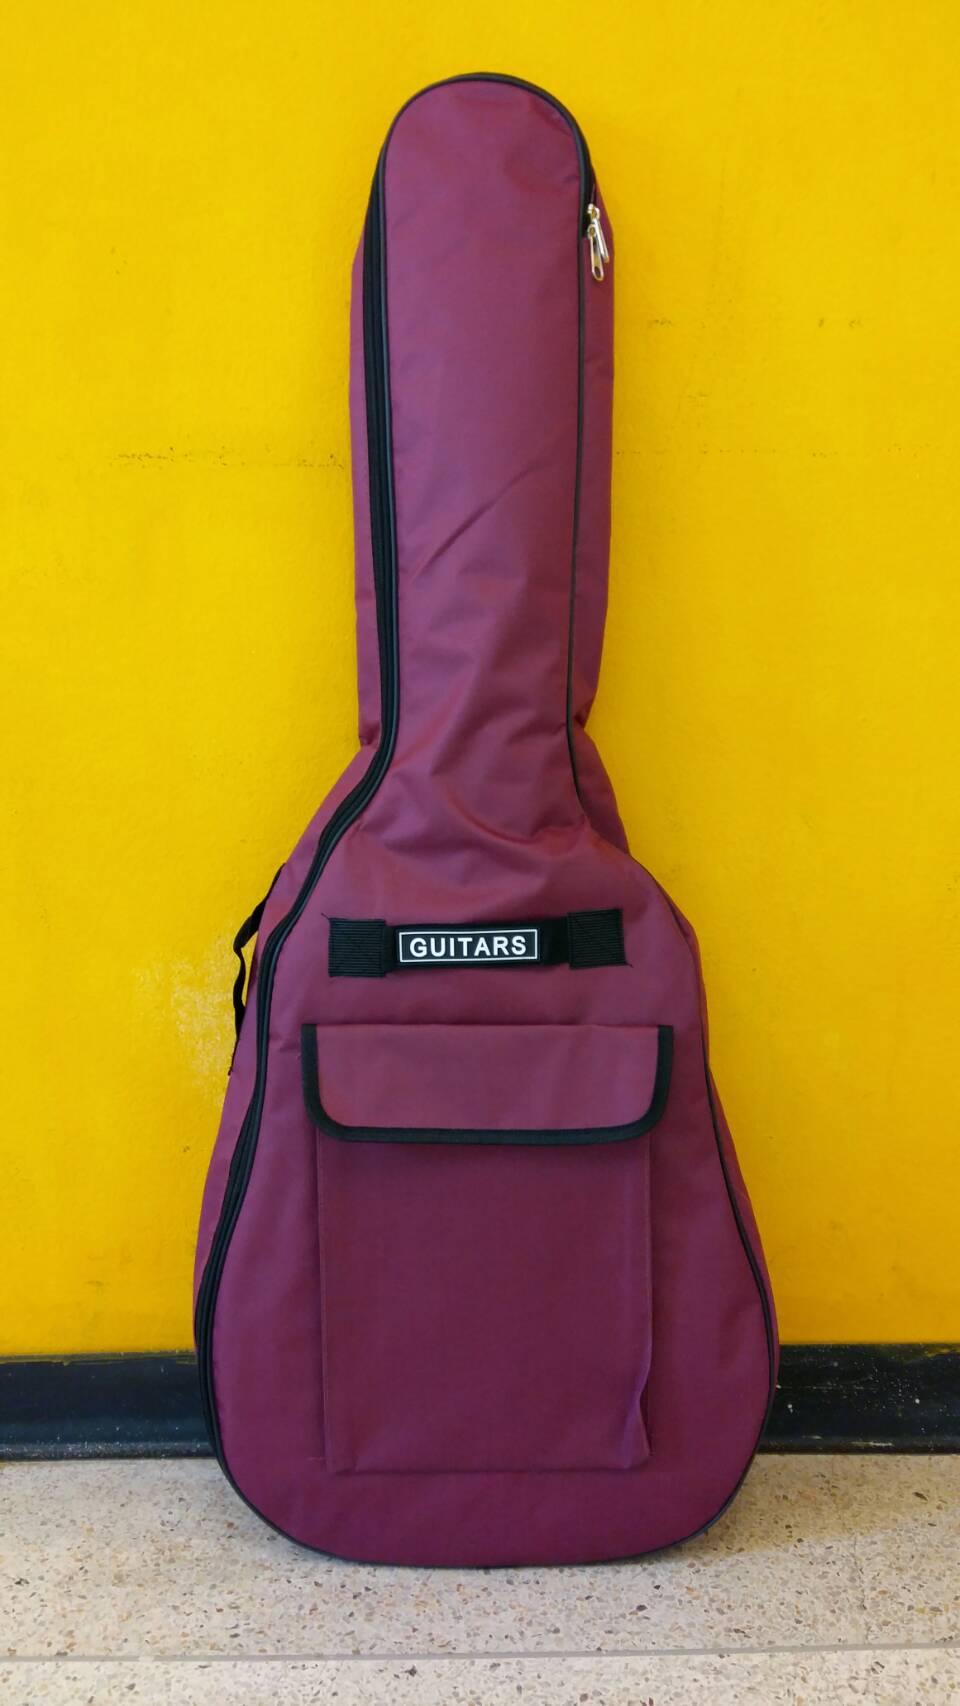 กระเป๋ากีตาร์บุฟองน้ำ สีม่วง ขนาด 41 นิ้ว